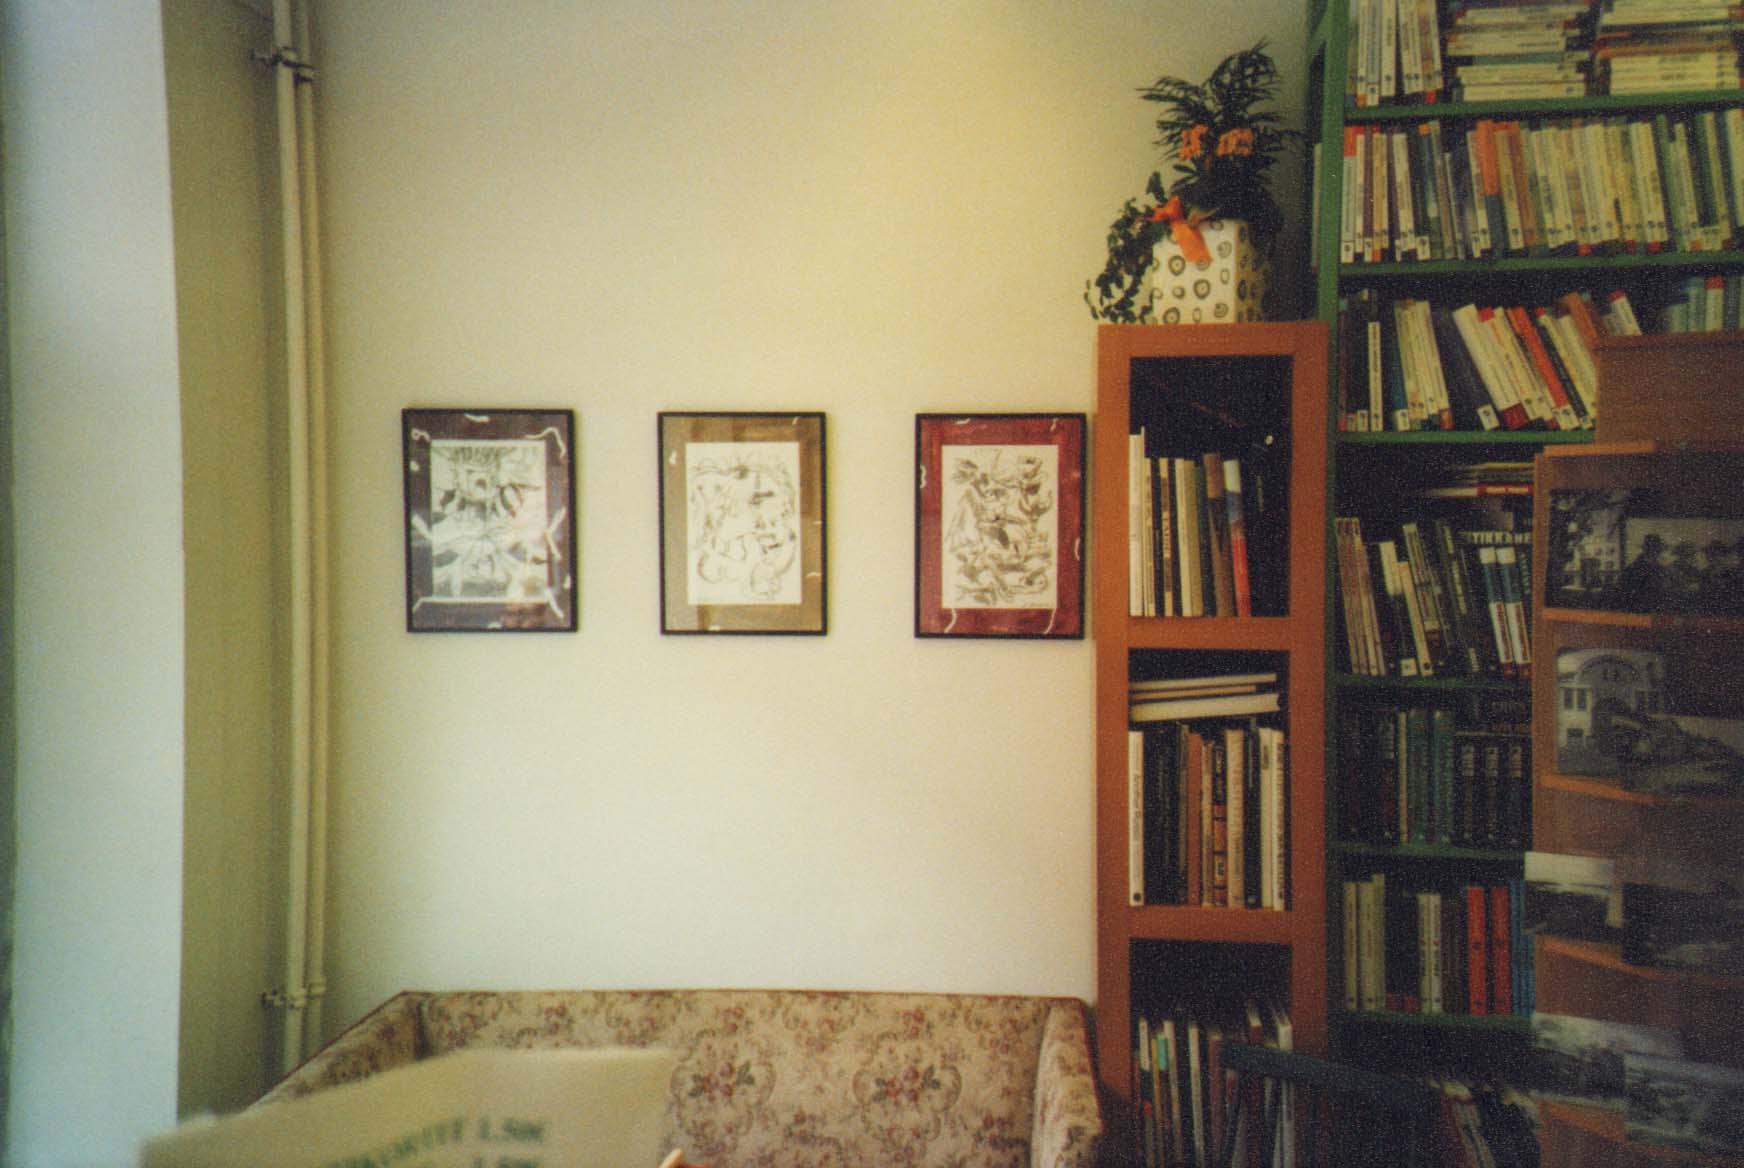 Kahdeksan piirrosta, Kirjakauppa Oiva, Kuopio, 2008